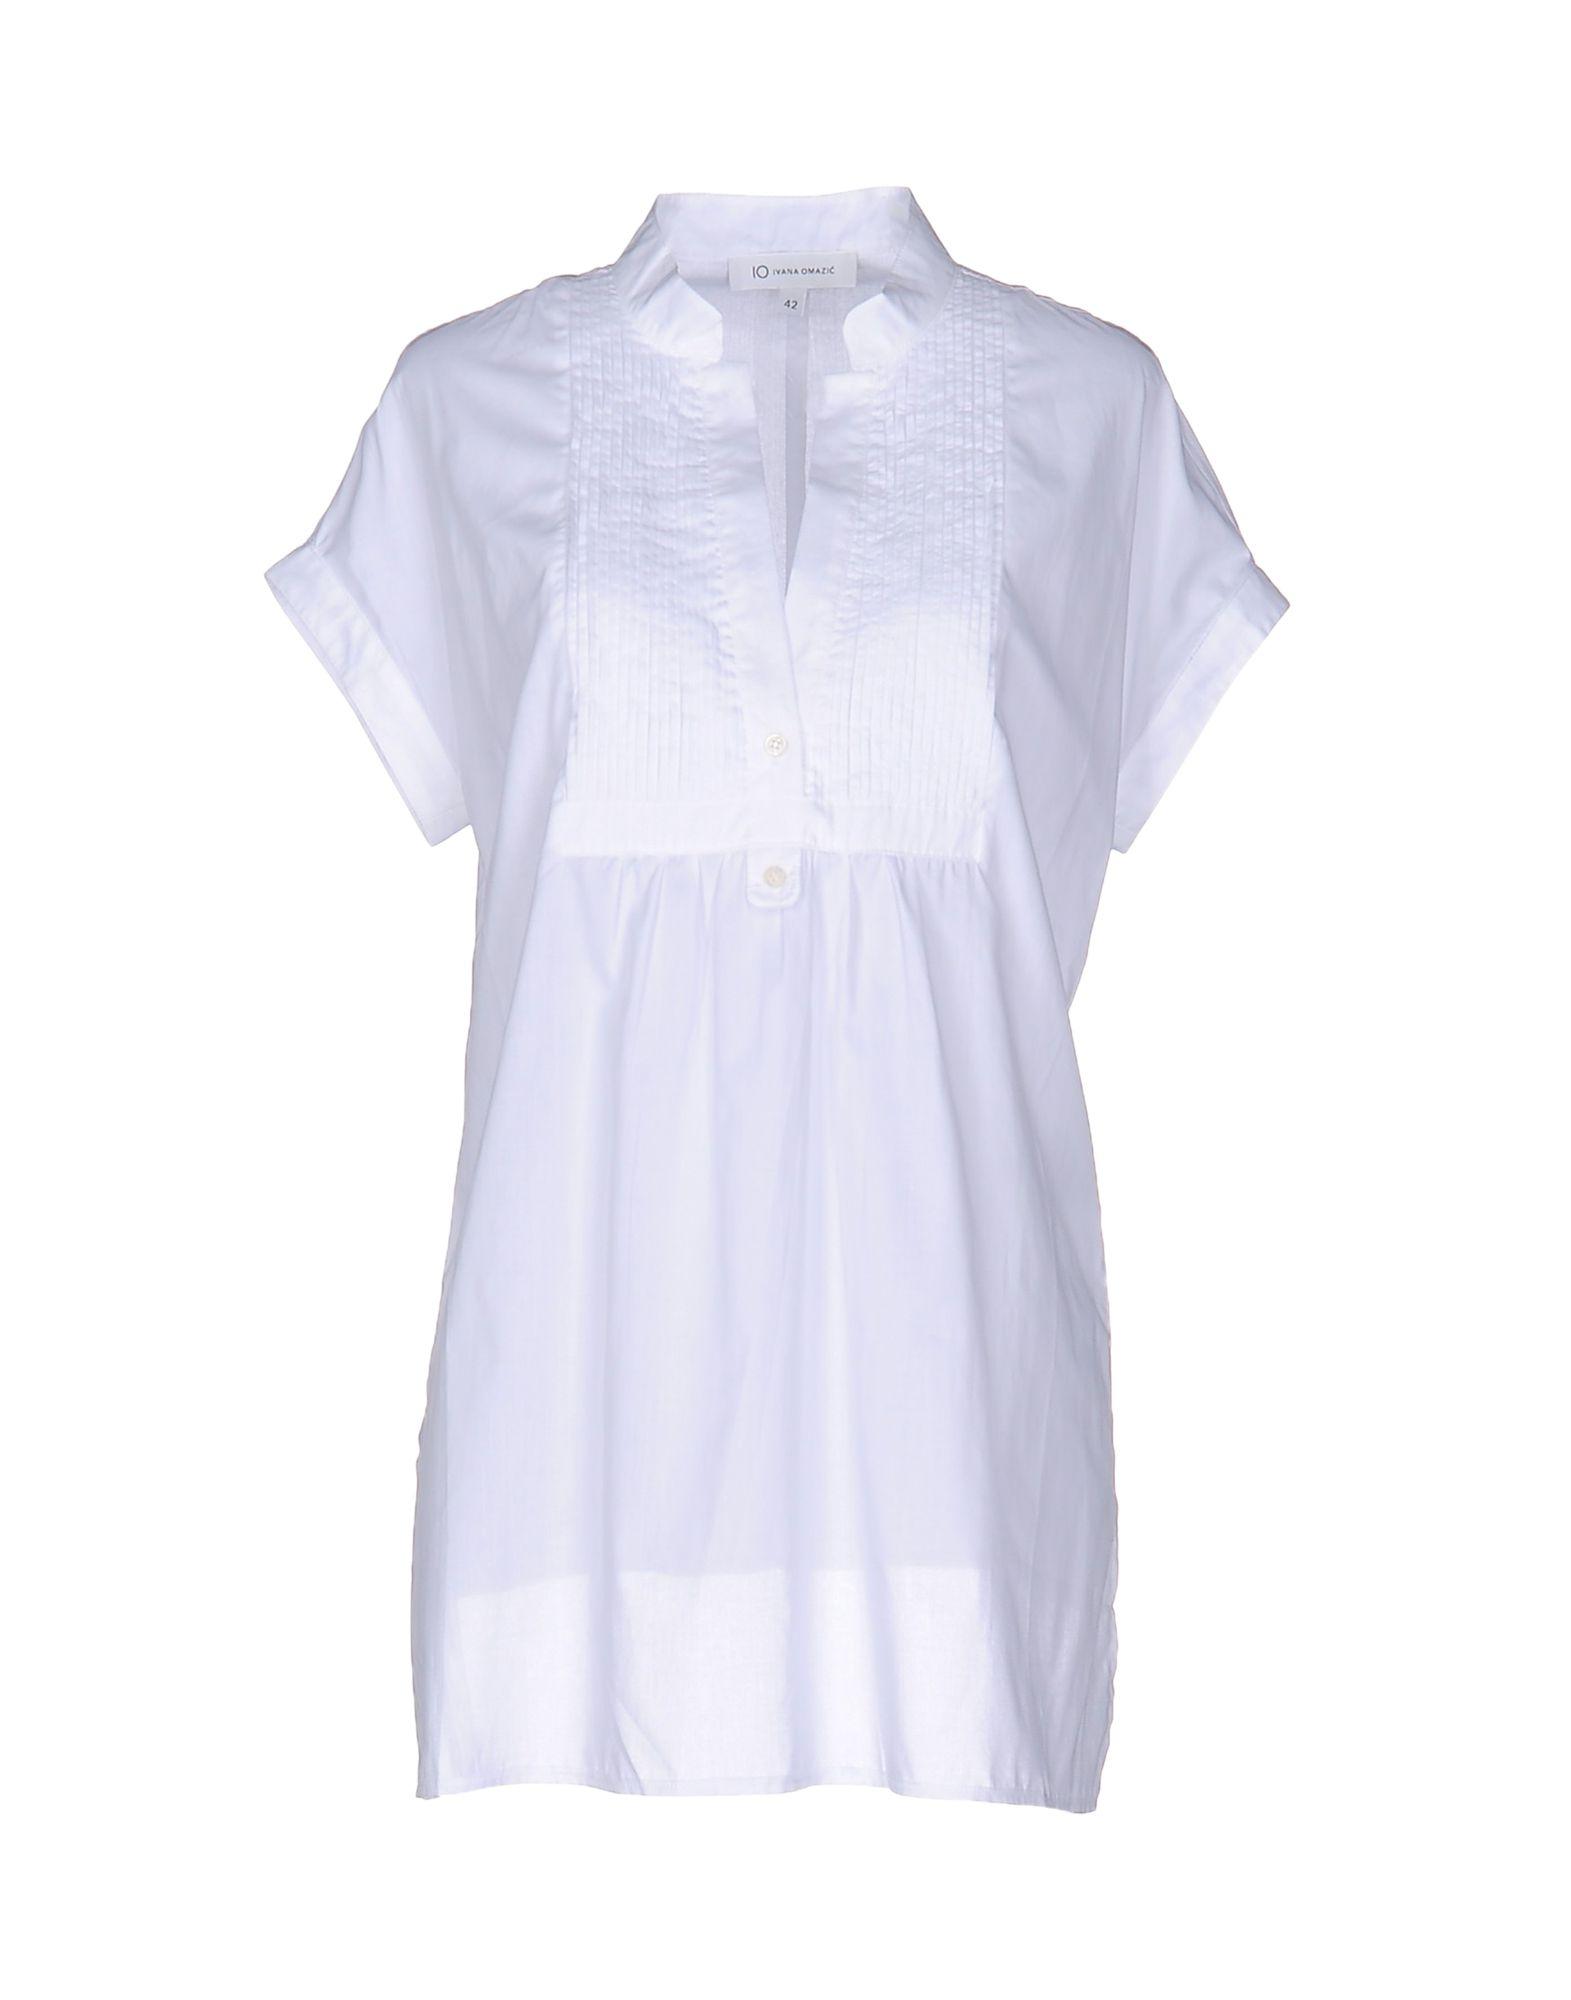 IO IVANA OMAZIC Blouses in White